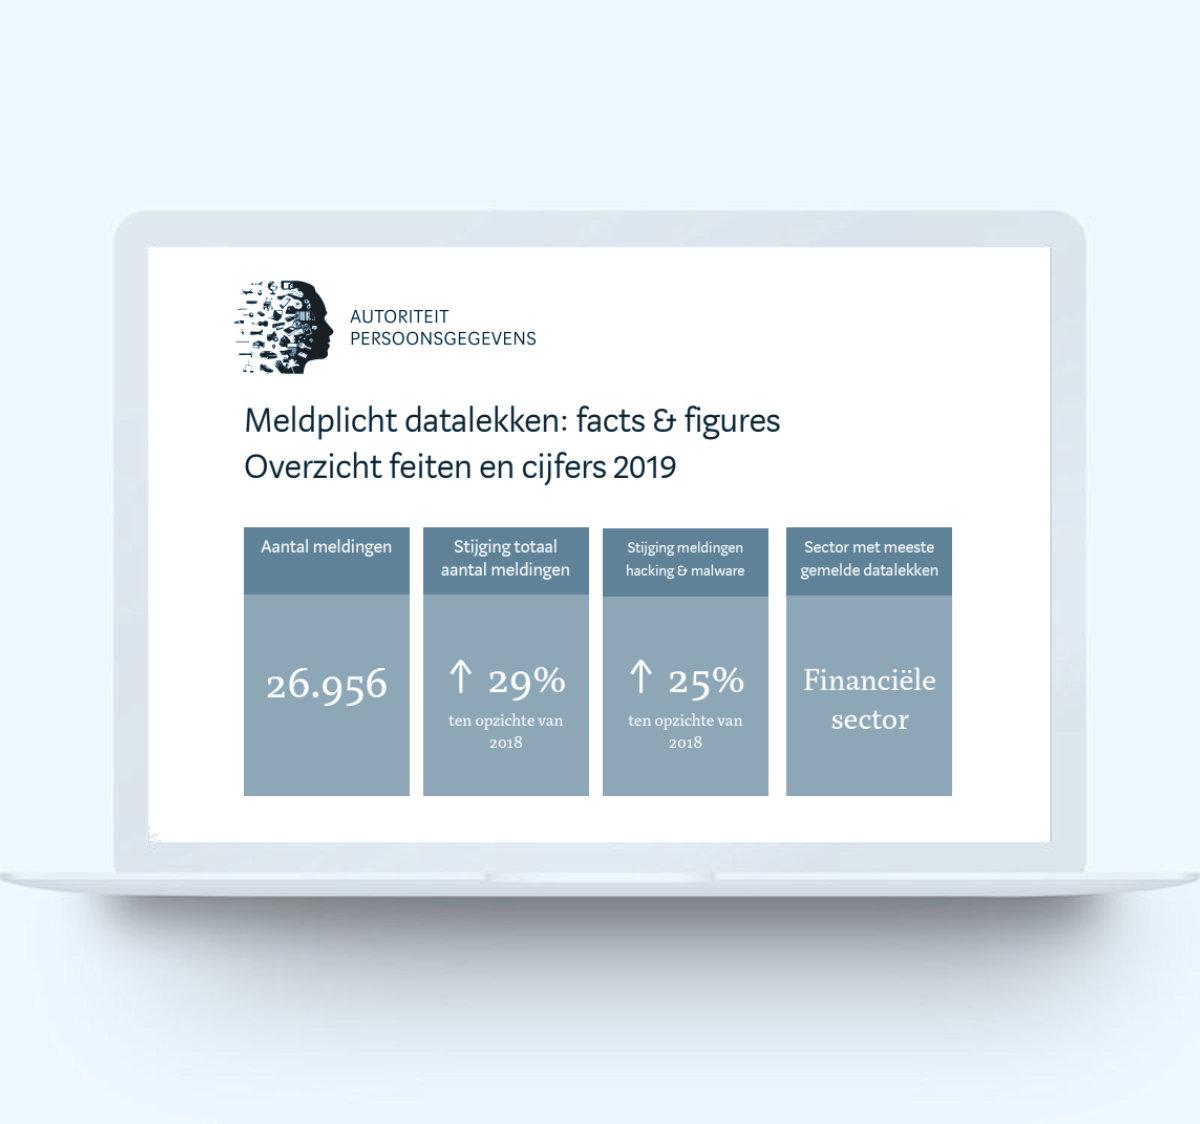 Datalekken - Facts and Figures